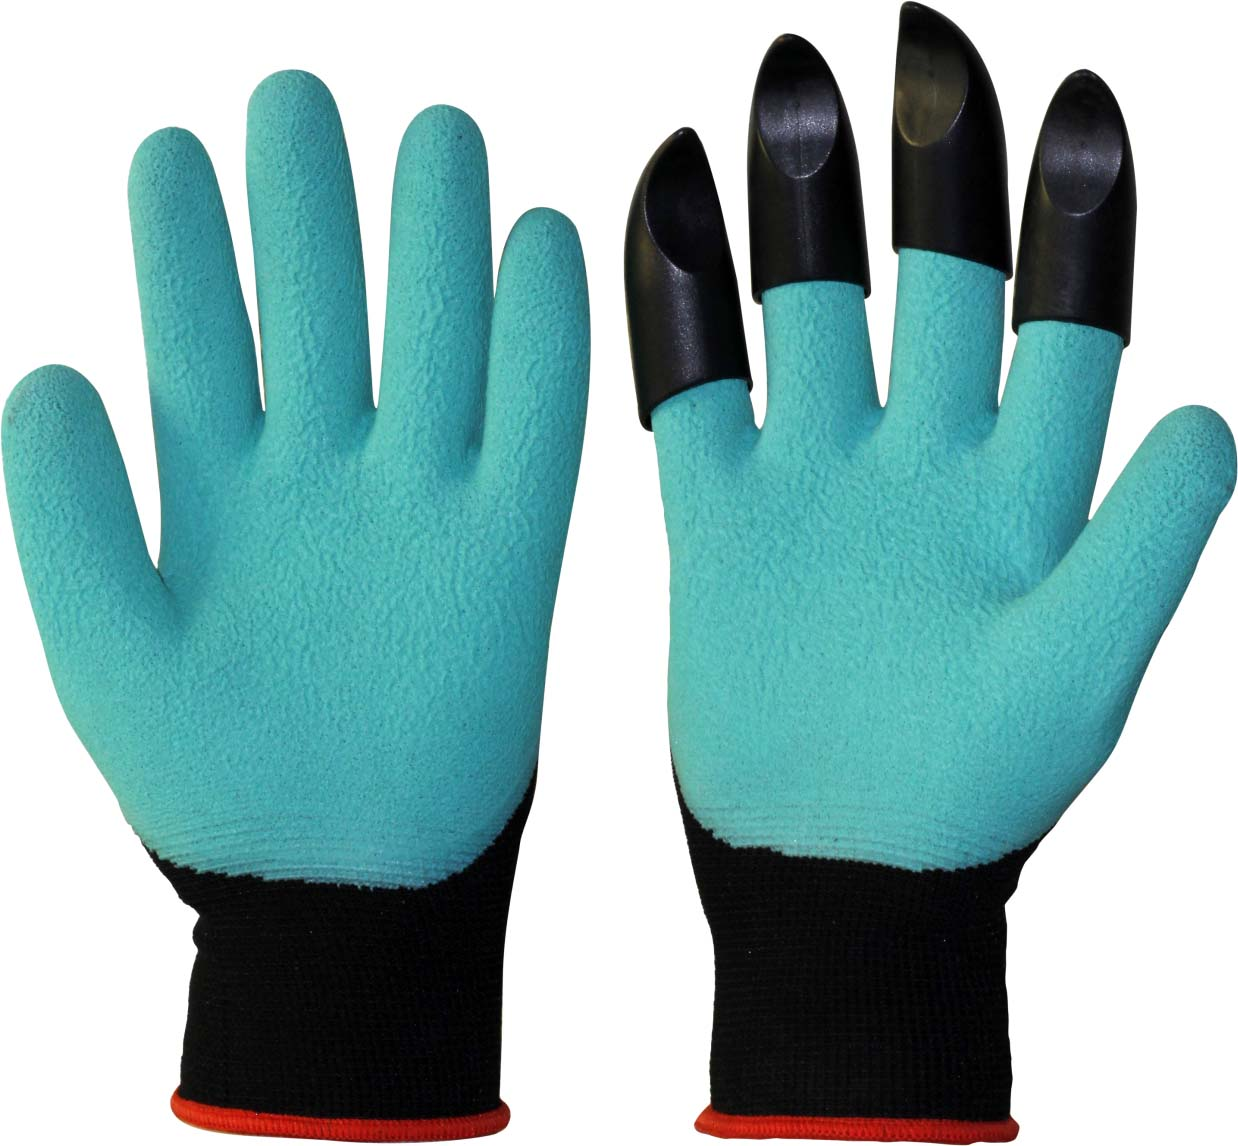 Перчатки защитные Boxer, садовые, с когтями, цвет: зеленый перчатки садовые с когтями garden genie glove